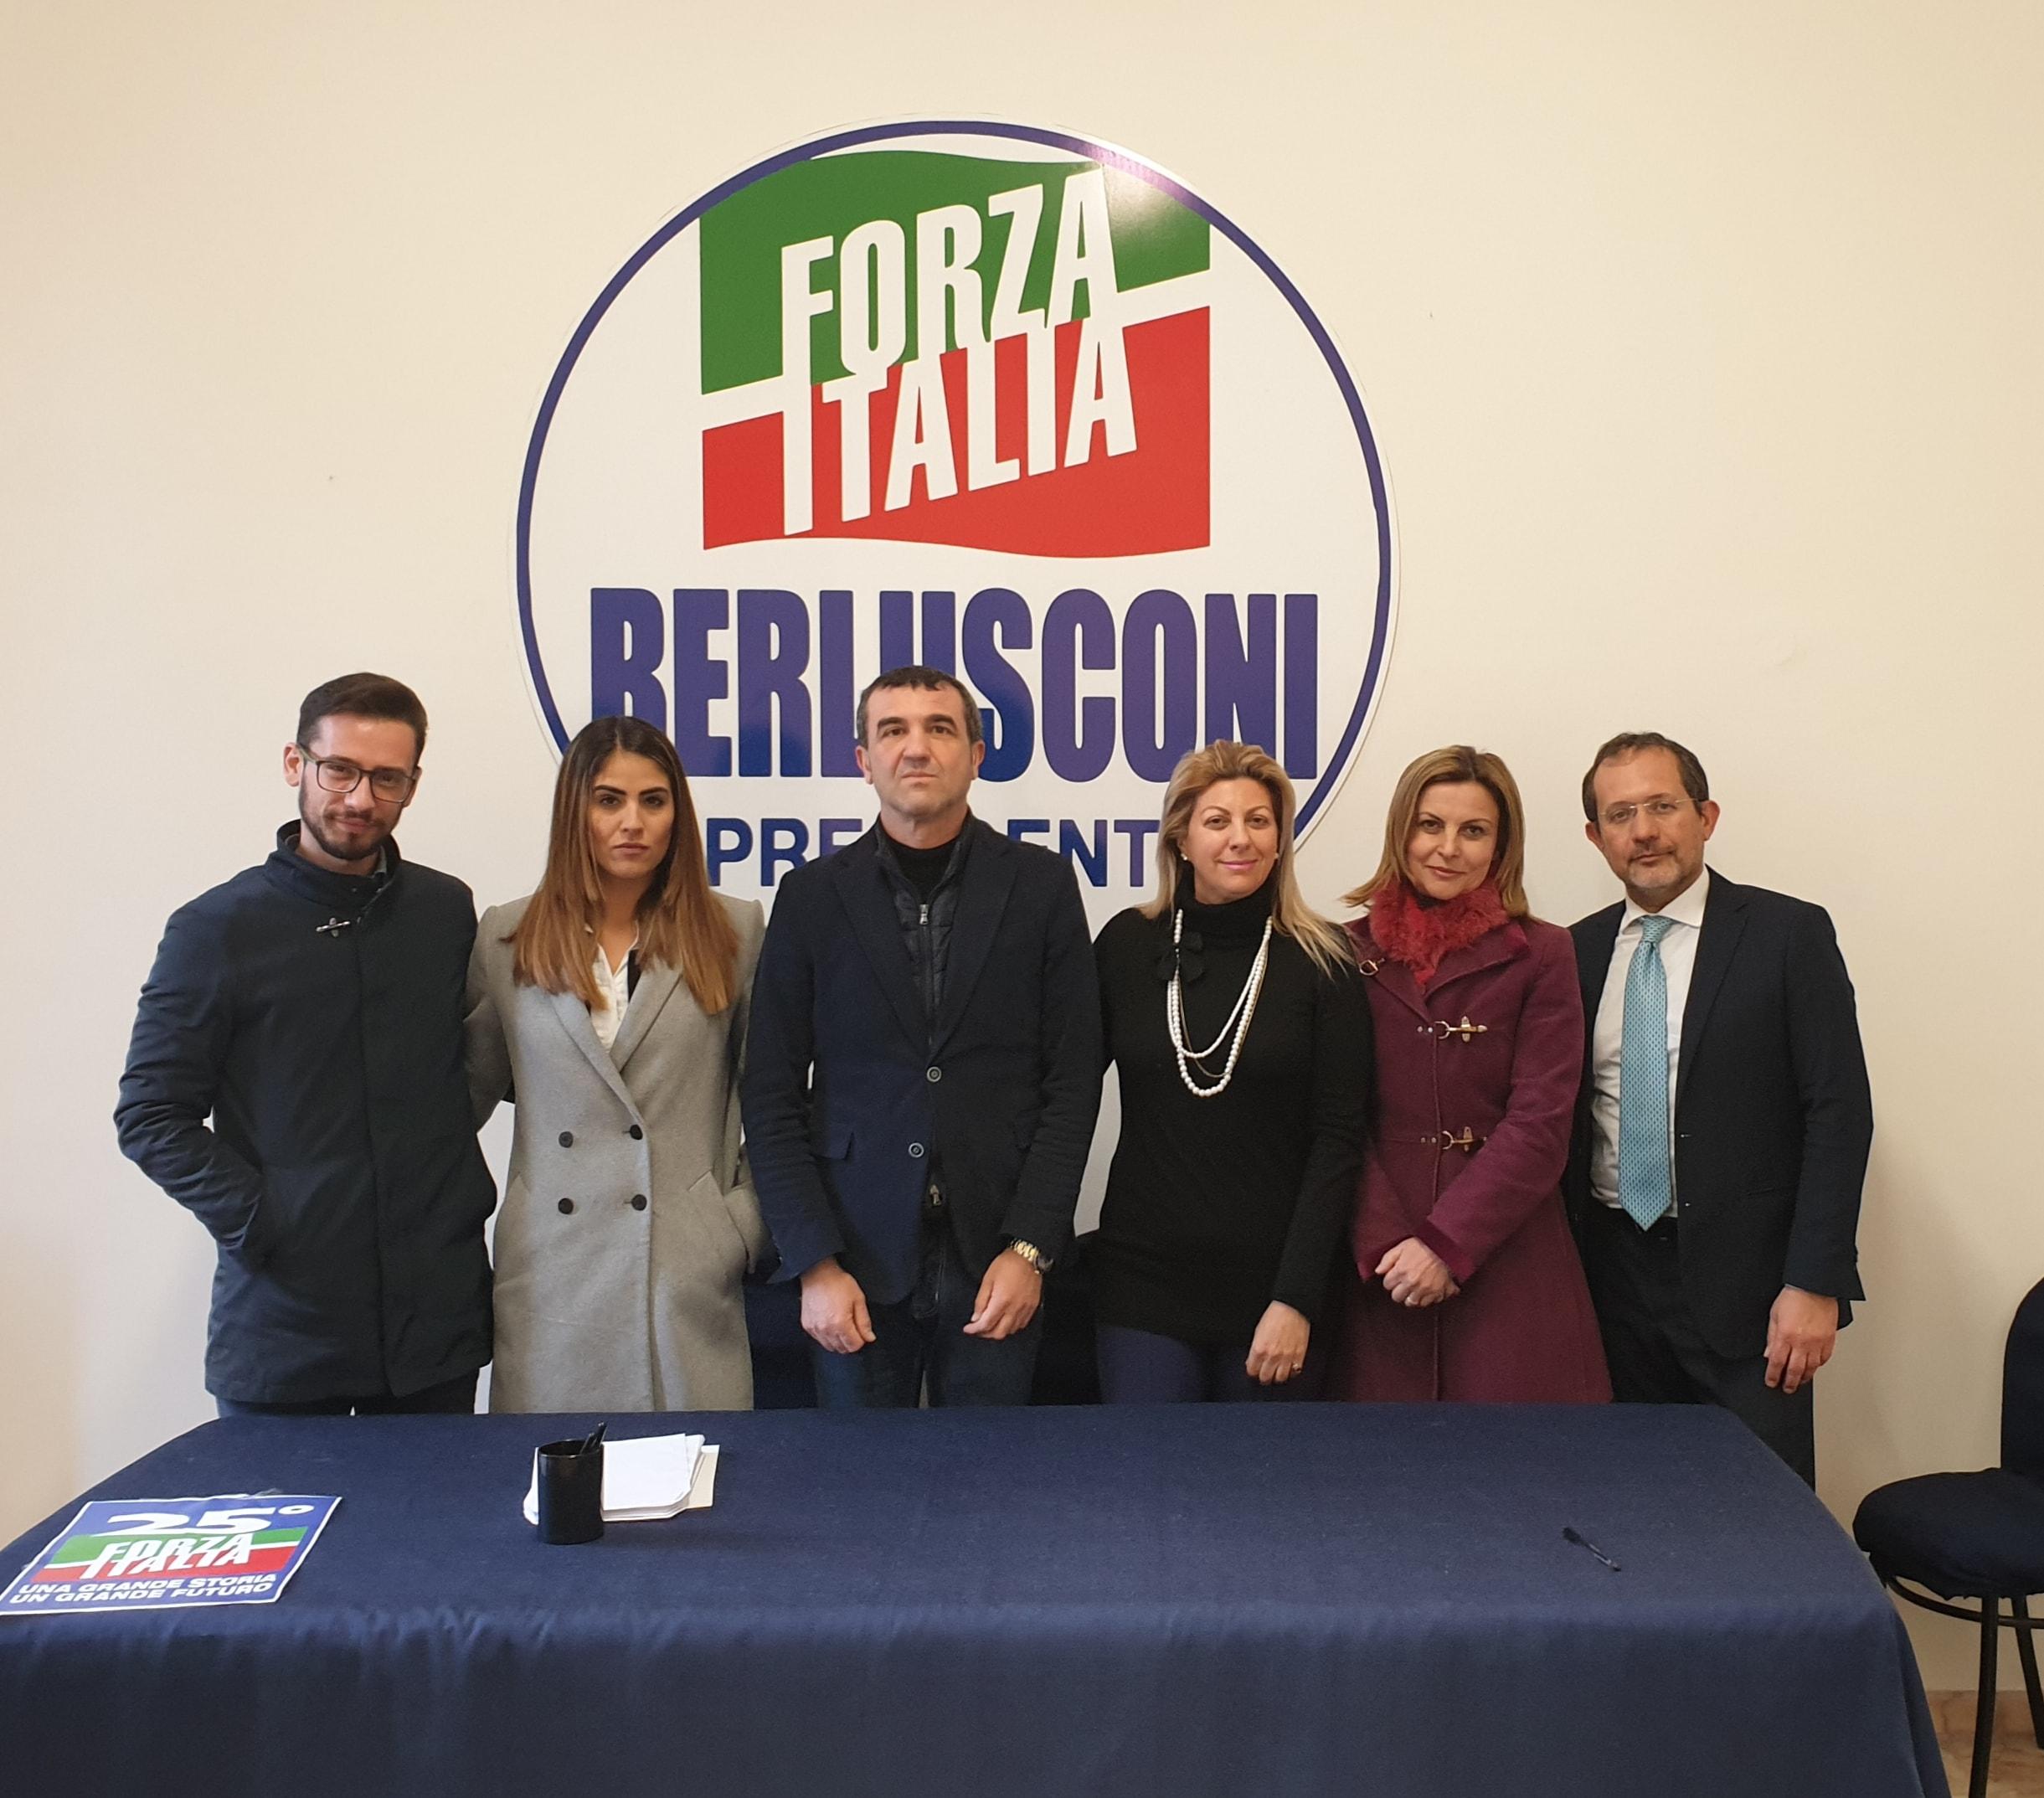 forza italia nomina anania al dipartimento Pari opportunità-LameziaTermeit